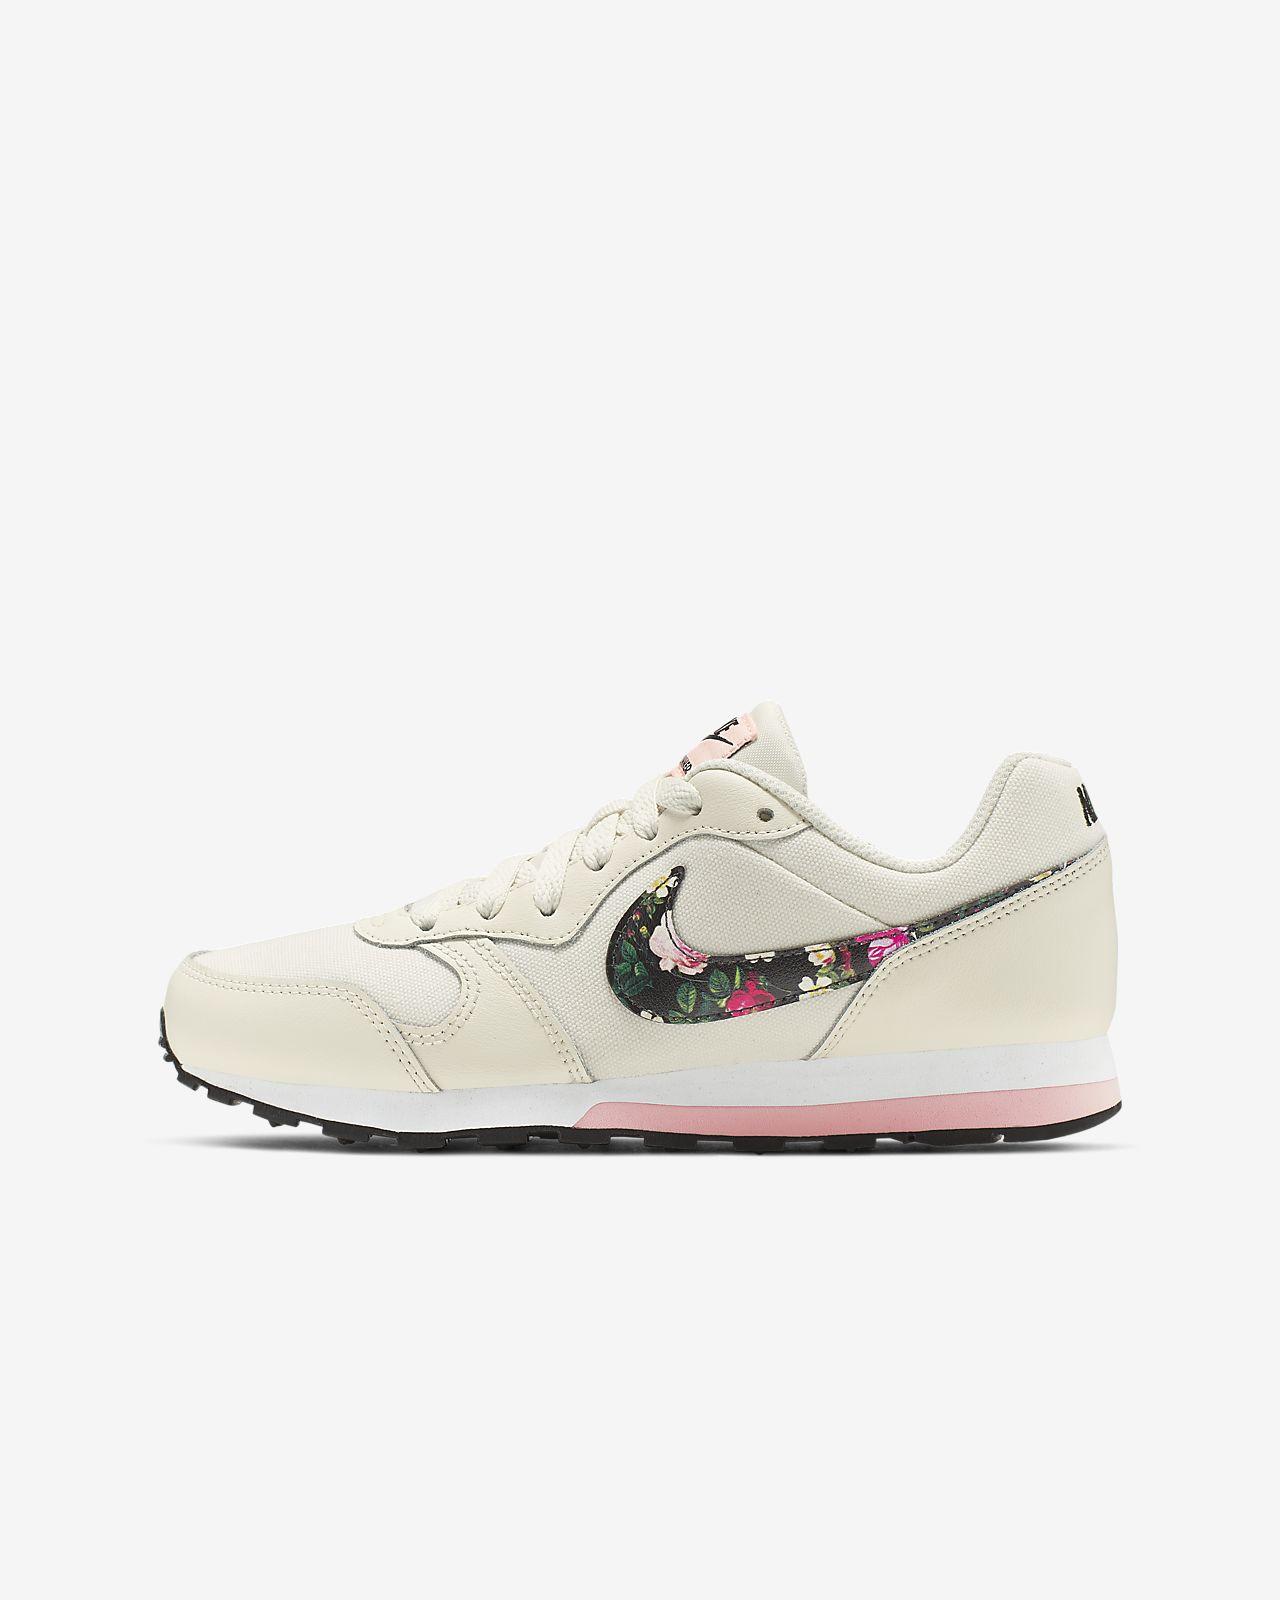 Nike MD Runner 2 Vintage Floral Genç Çocuk Ayakkabısı